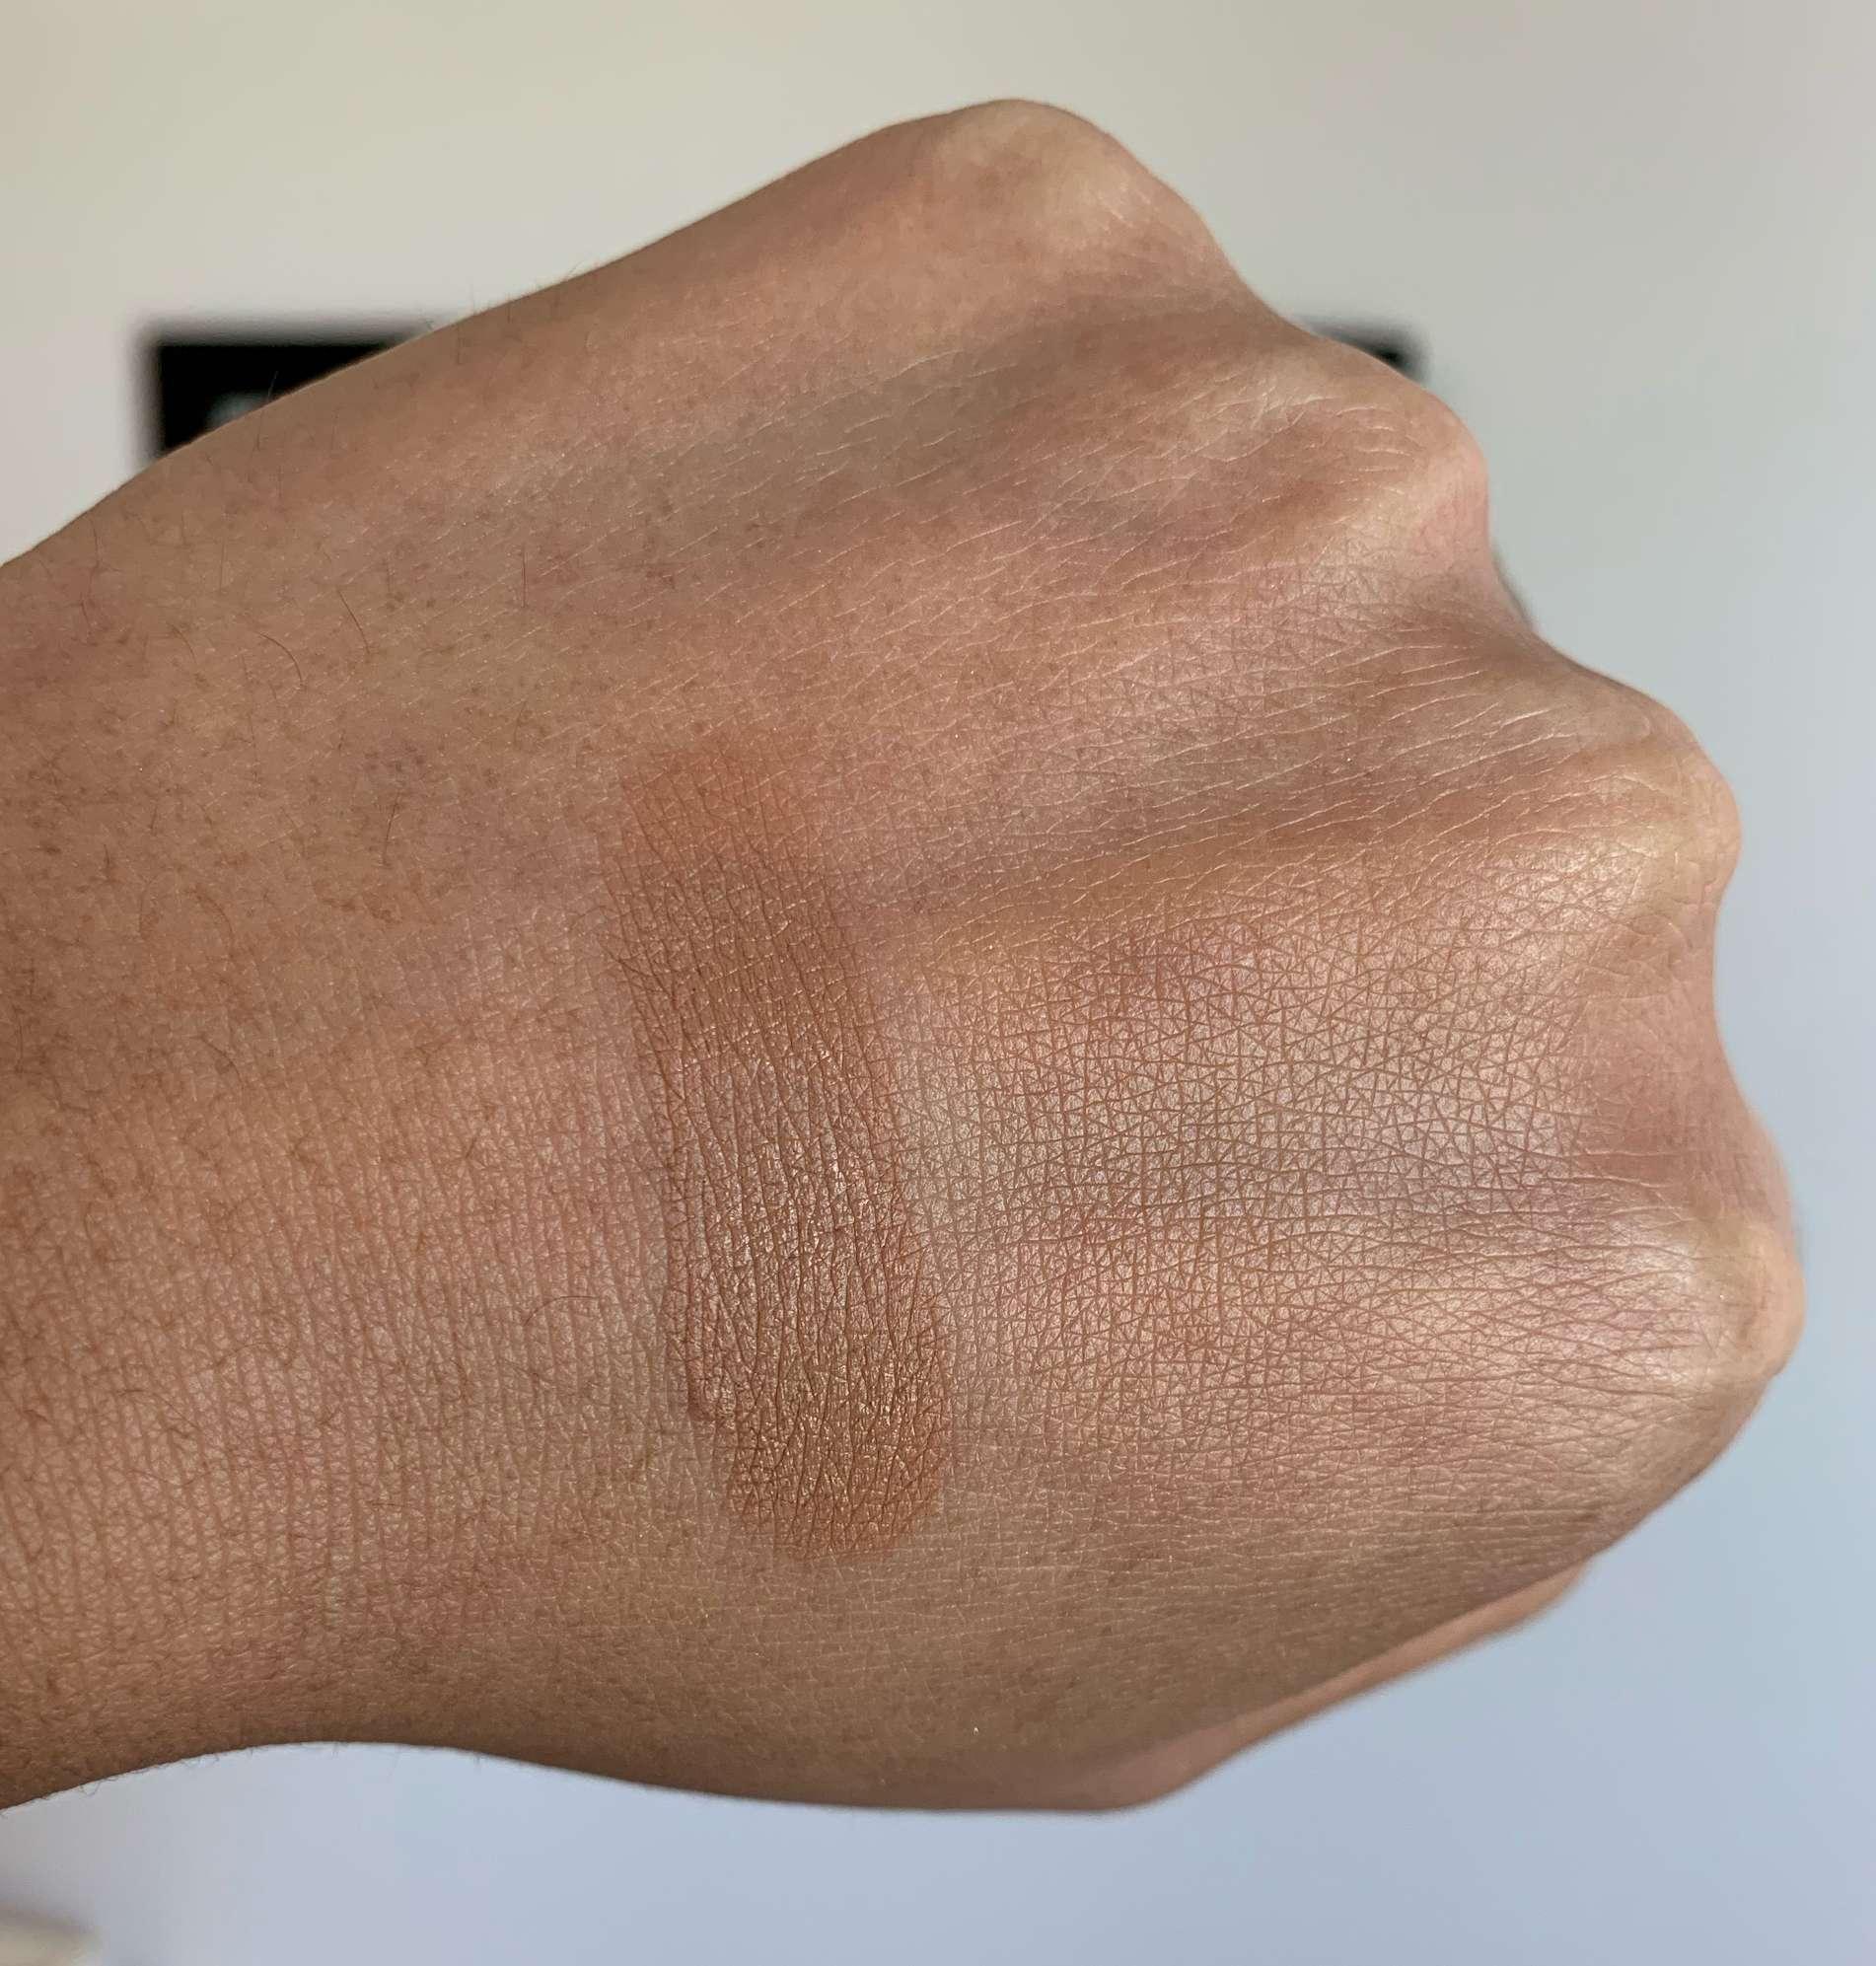 Lancome Teint Idole Ultra Wear Foundation Stick 450 Suede Neutral Swatch Medium Dark Skin